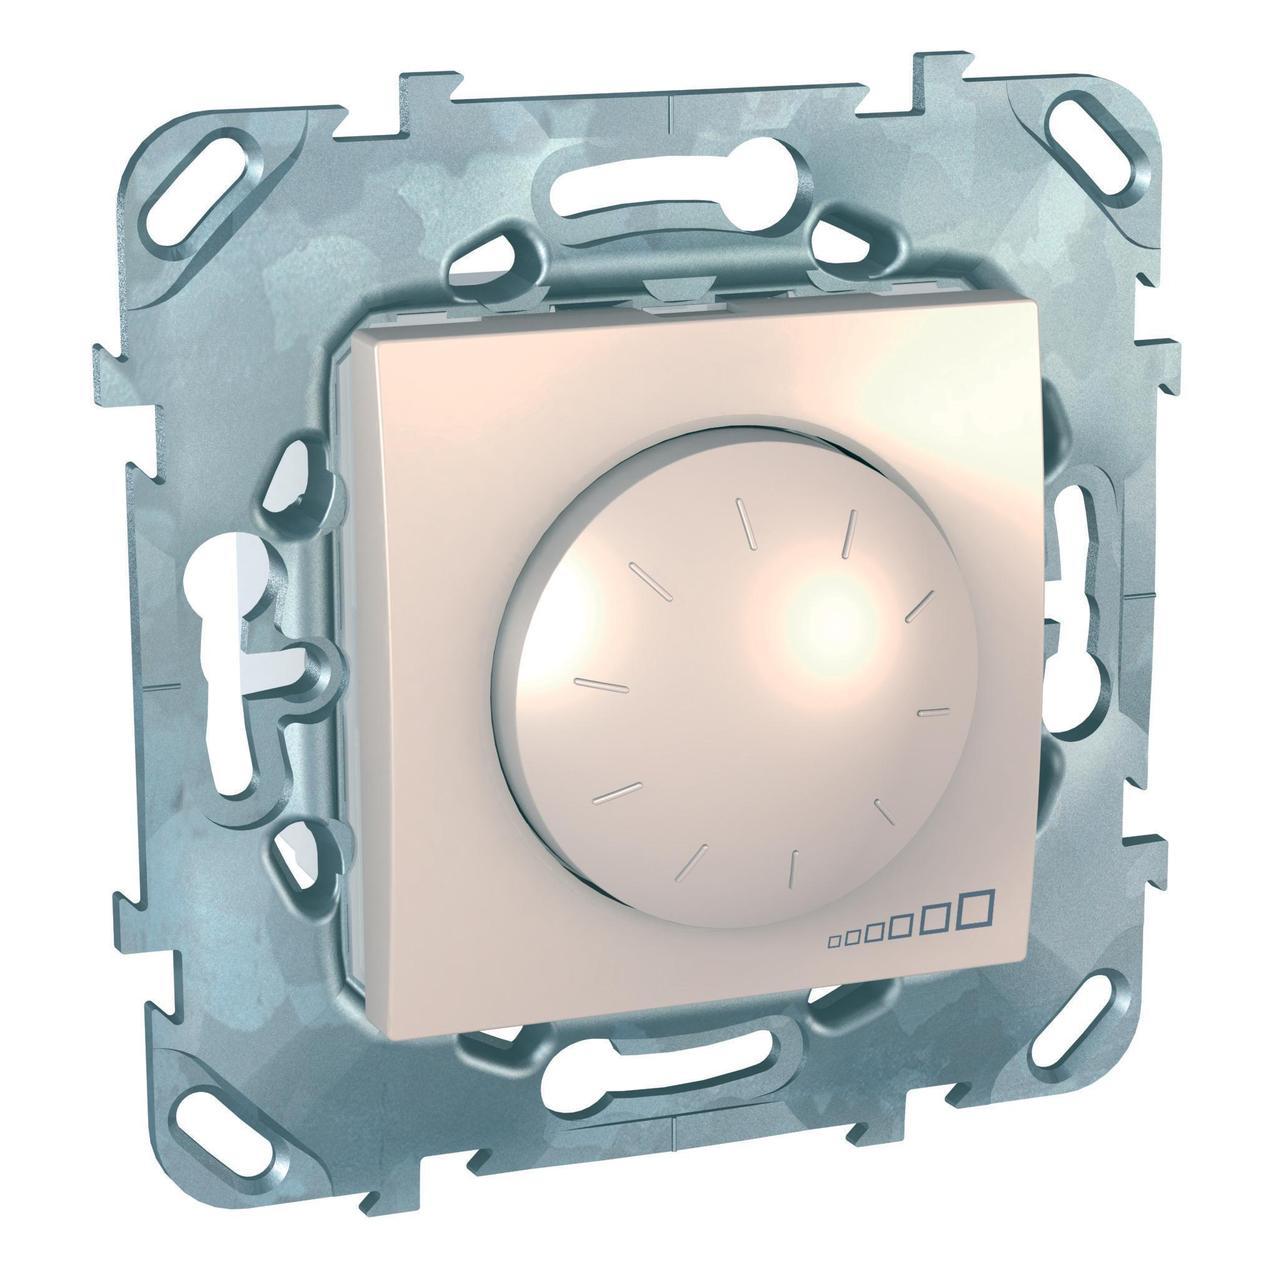 Диммер поворотно-нажимной 1000Вт для ламп накаливания , Бежевый, серия Unica, Schneider Electric